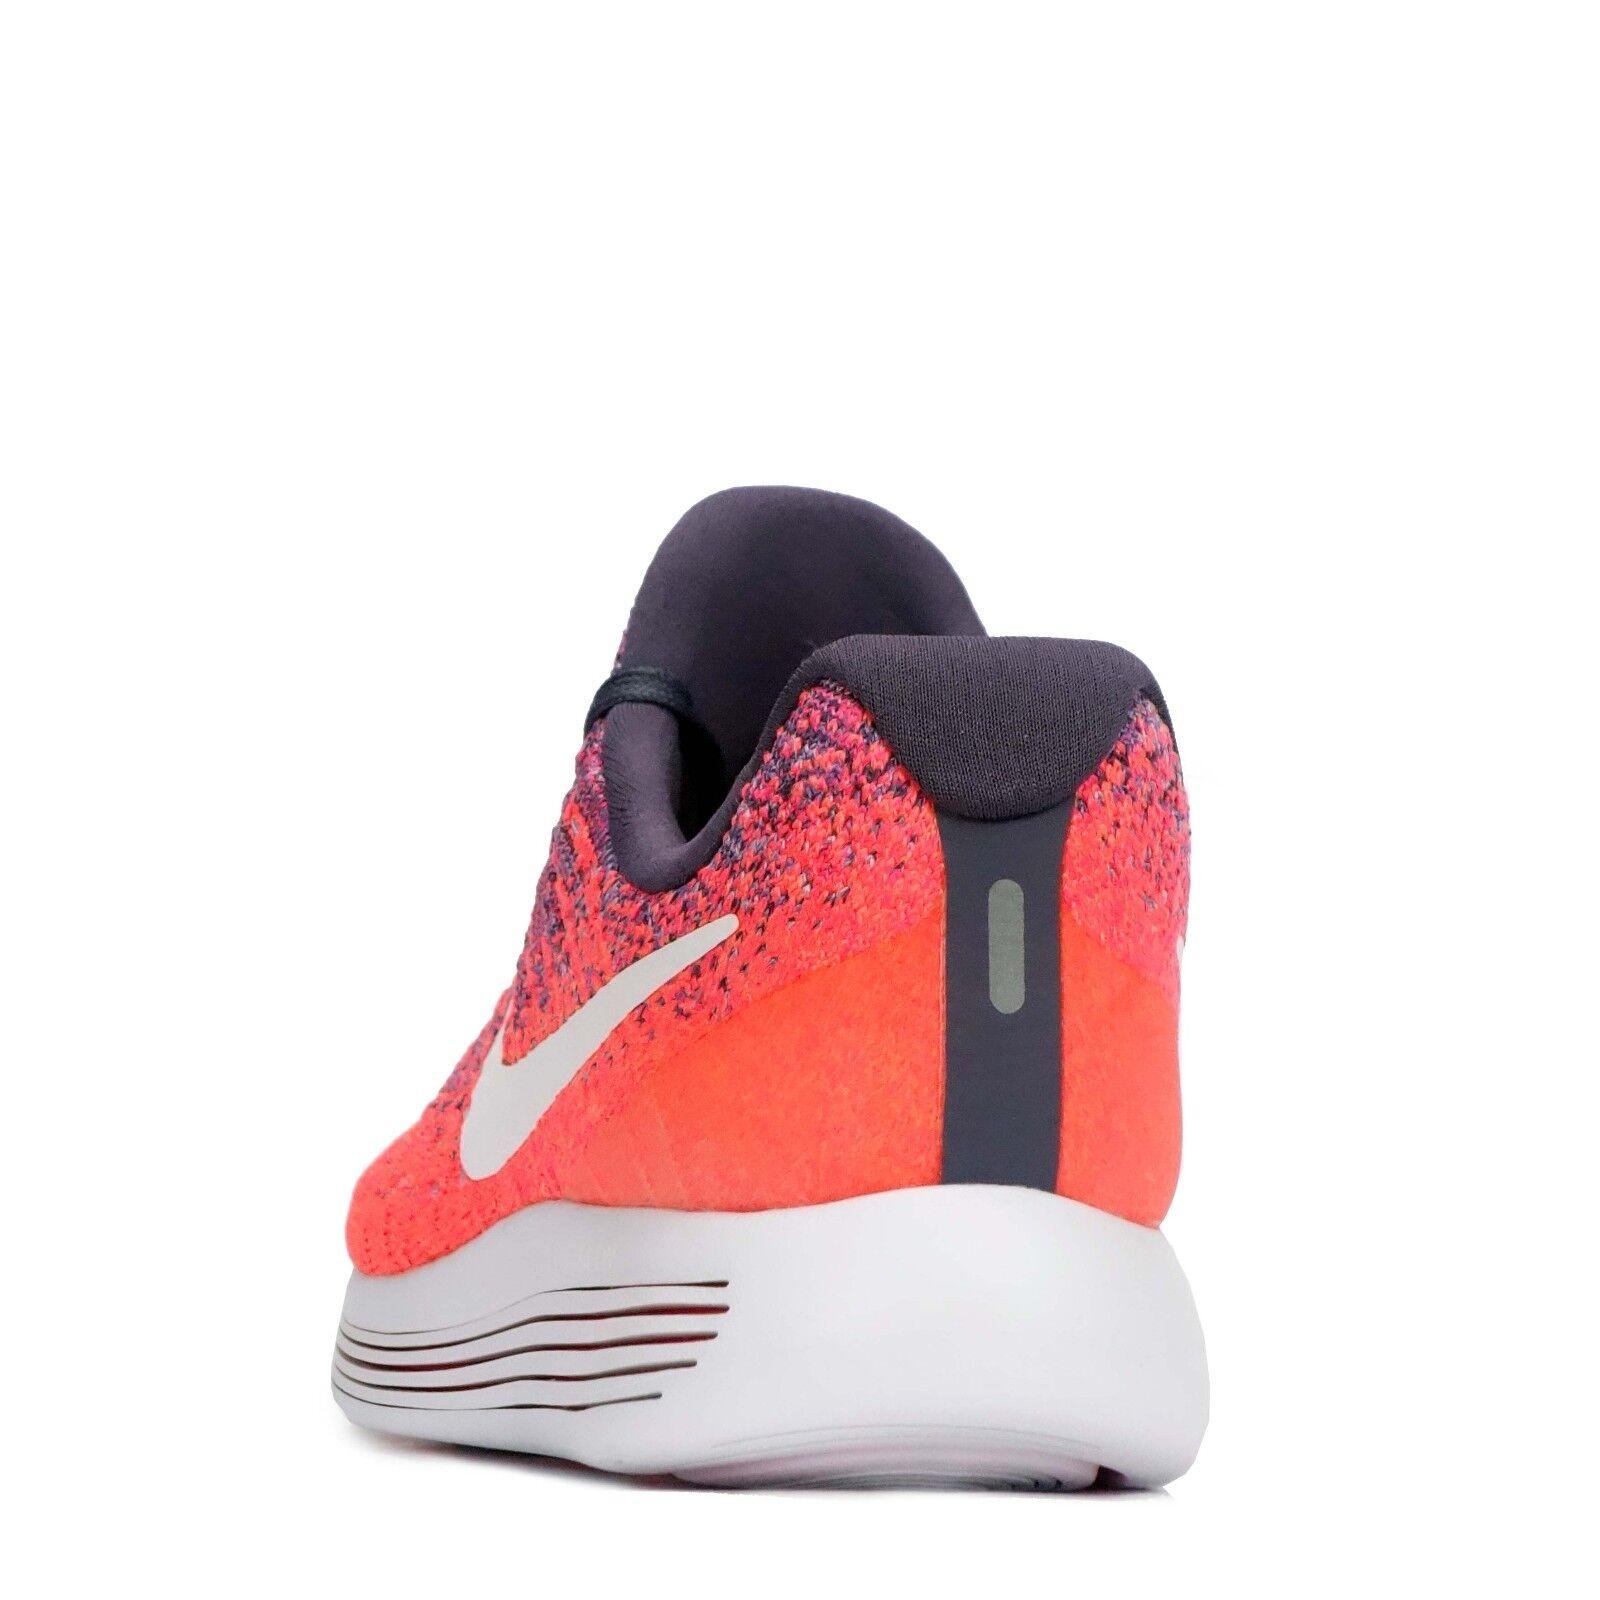 Nike lunarepic basso basso basso Flyknit 2 Donna Scarpe da corsa UVETTA Scuro/Bianco 0723e2